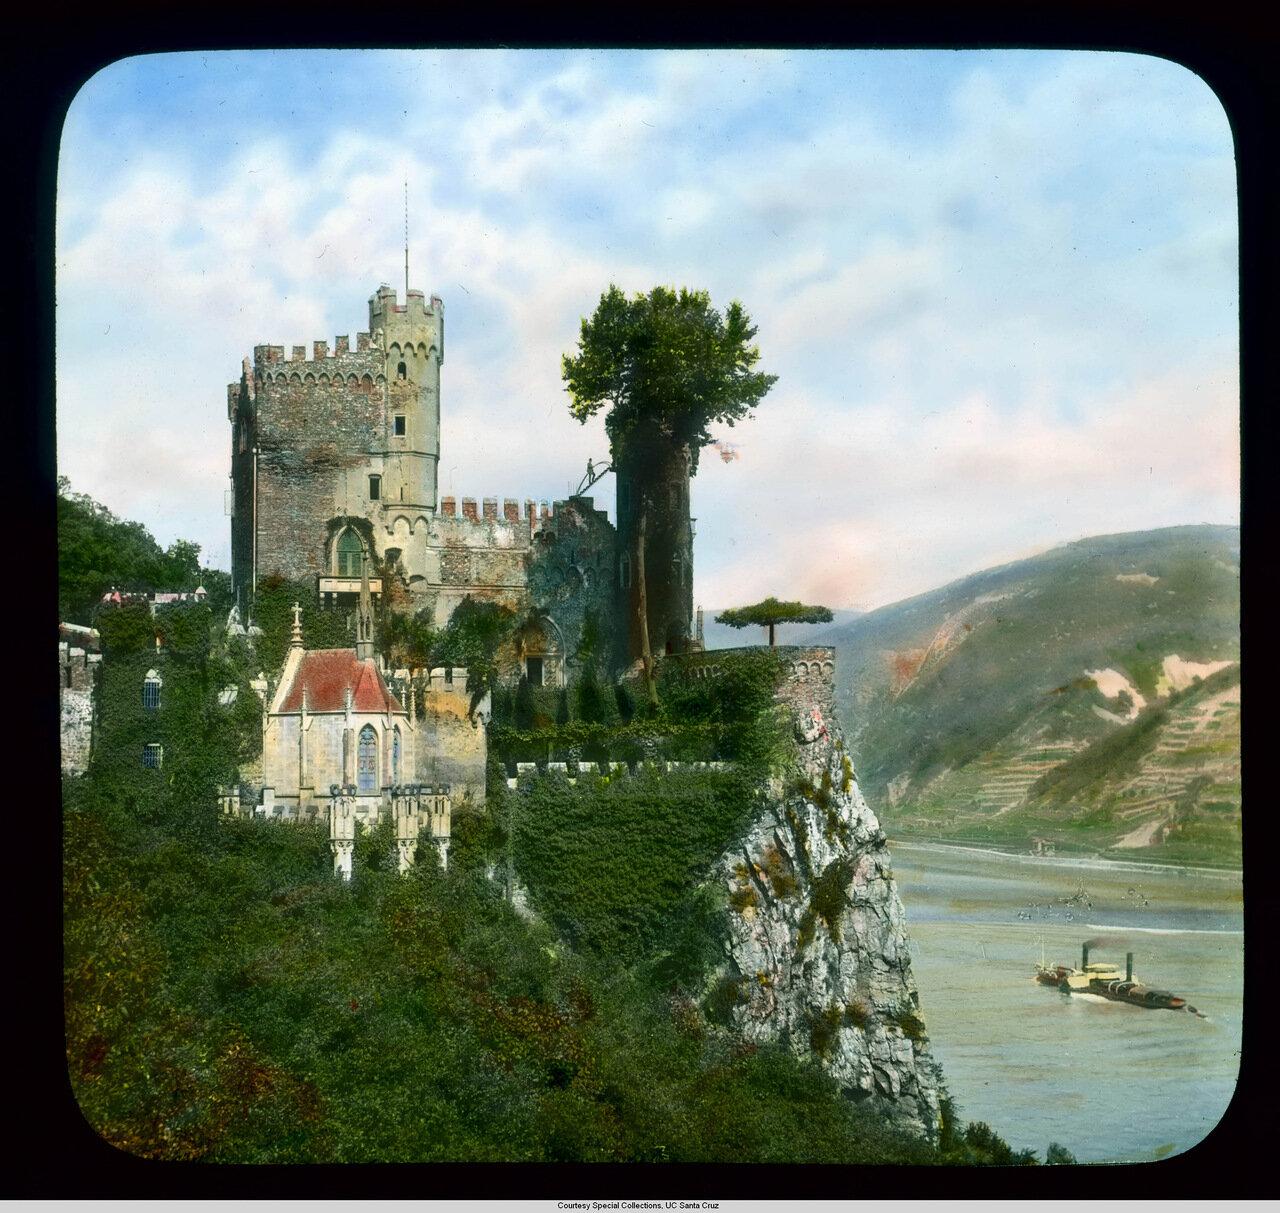 Рейнская долина.  Крепость Райнштайн над Рейном.